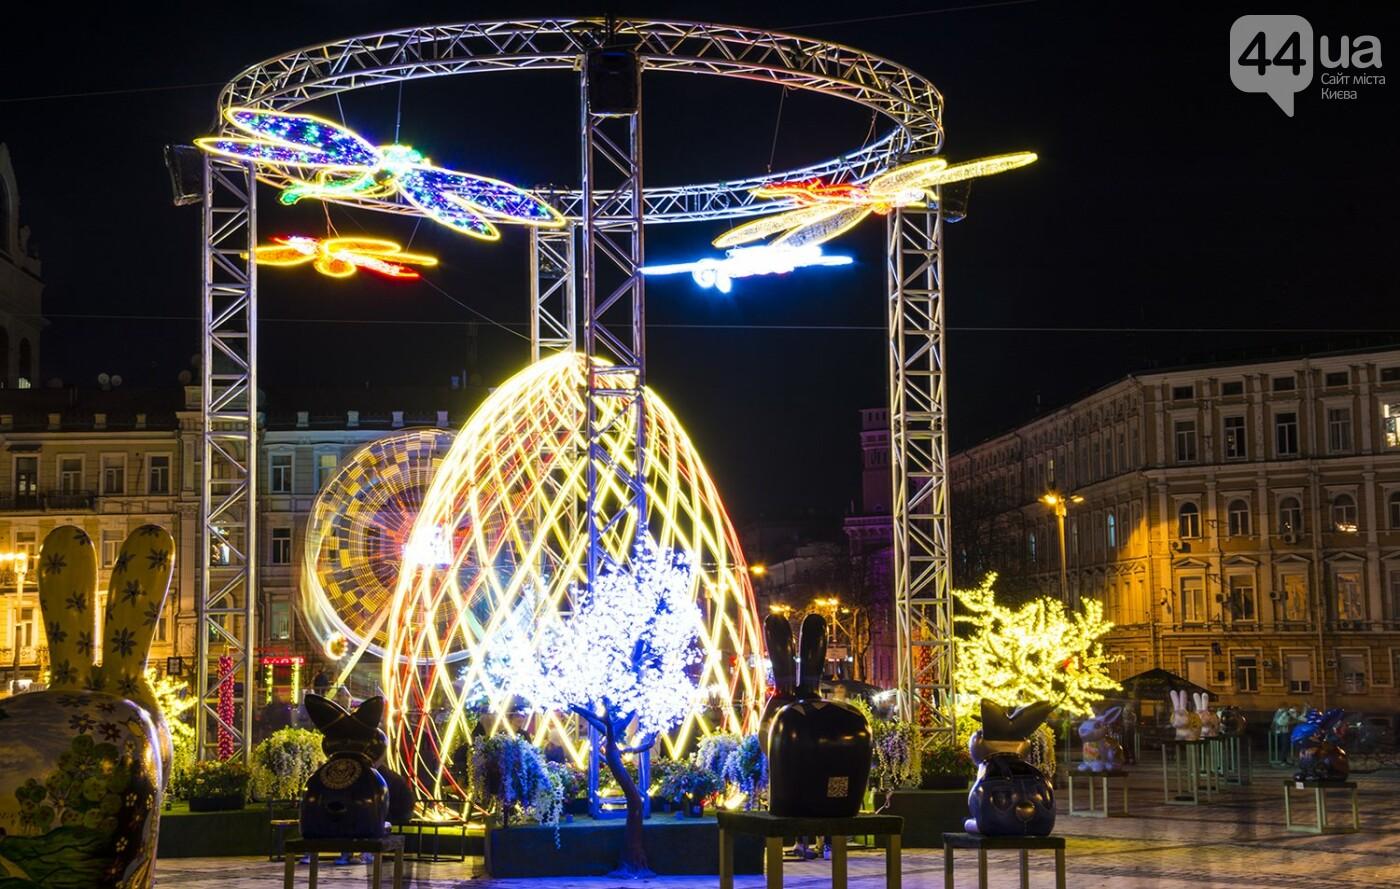 Пасхальная иллюминация: как выглядит фестиваль писанок ночью, фото-17